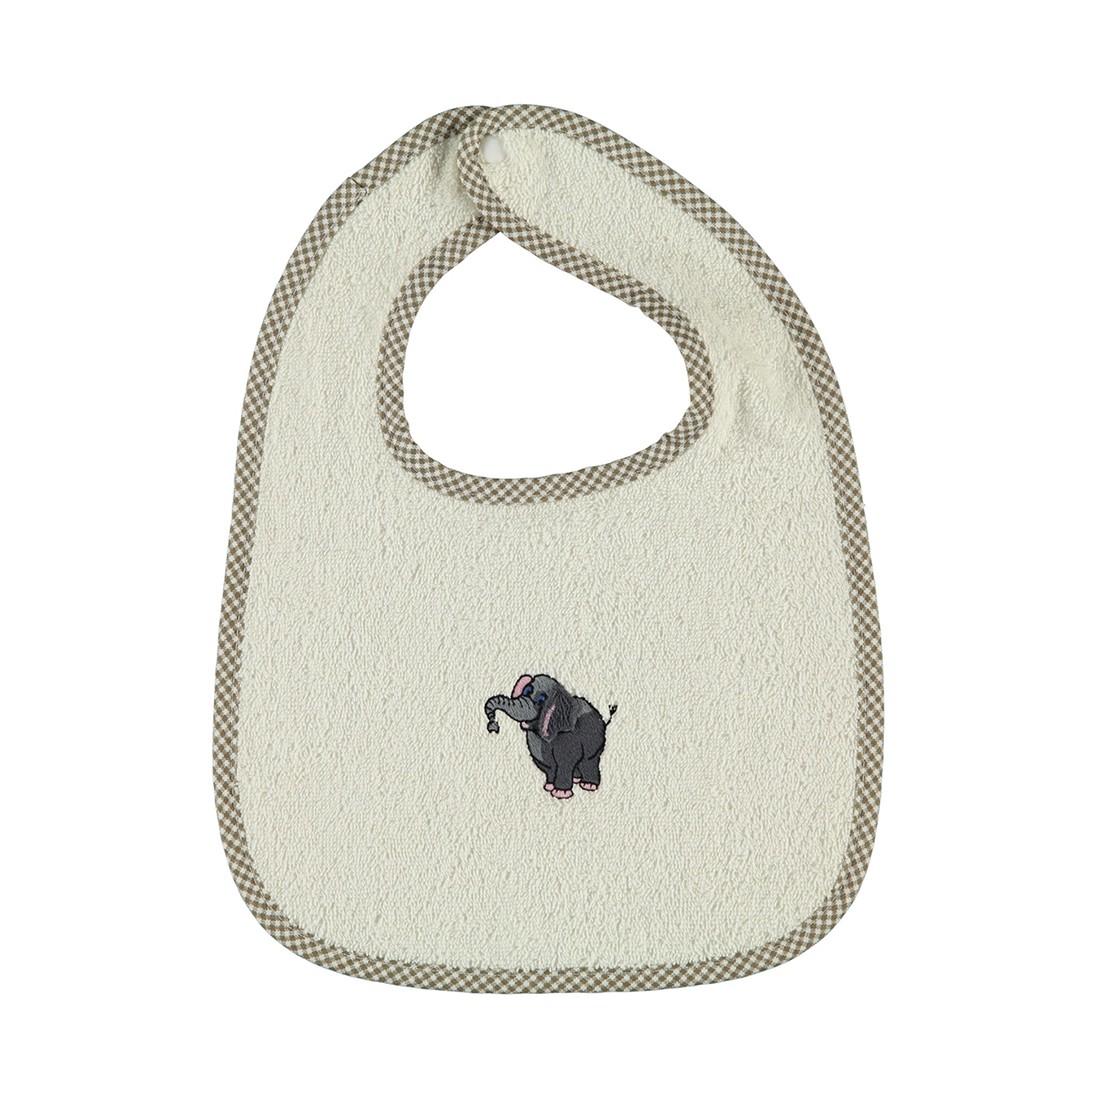 Lätzchen Baby Zoo – 100% Baumwolle ivory – 103, Vossen bestellen